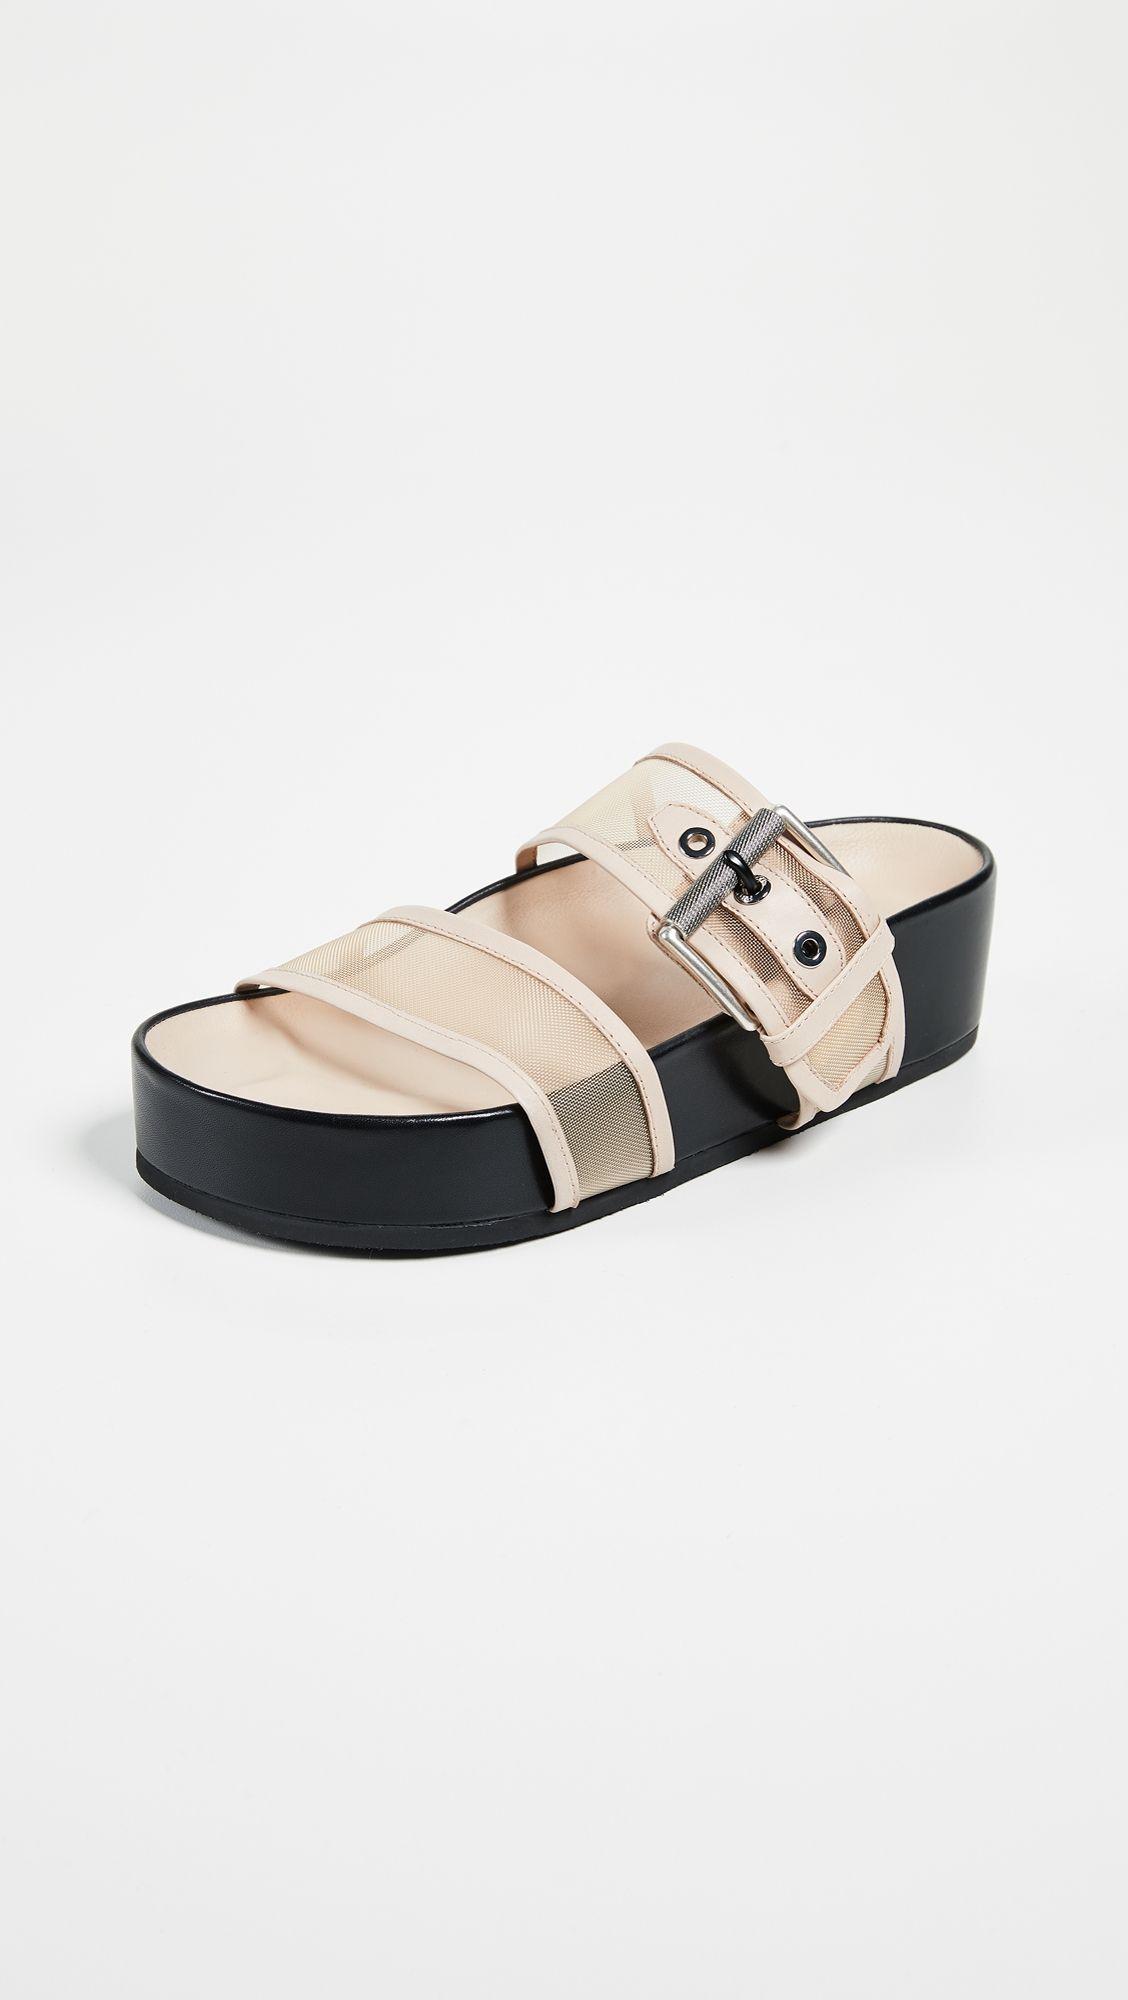 3595d33b157 Evin Platform Slides   Products   Rag, bone, Sandals, Slide sandals